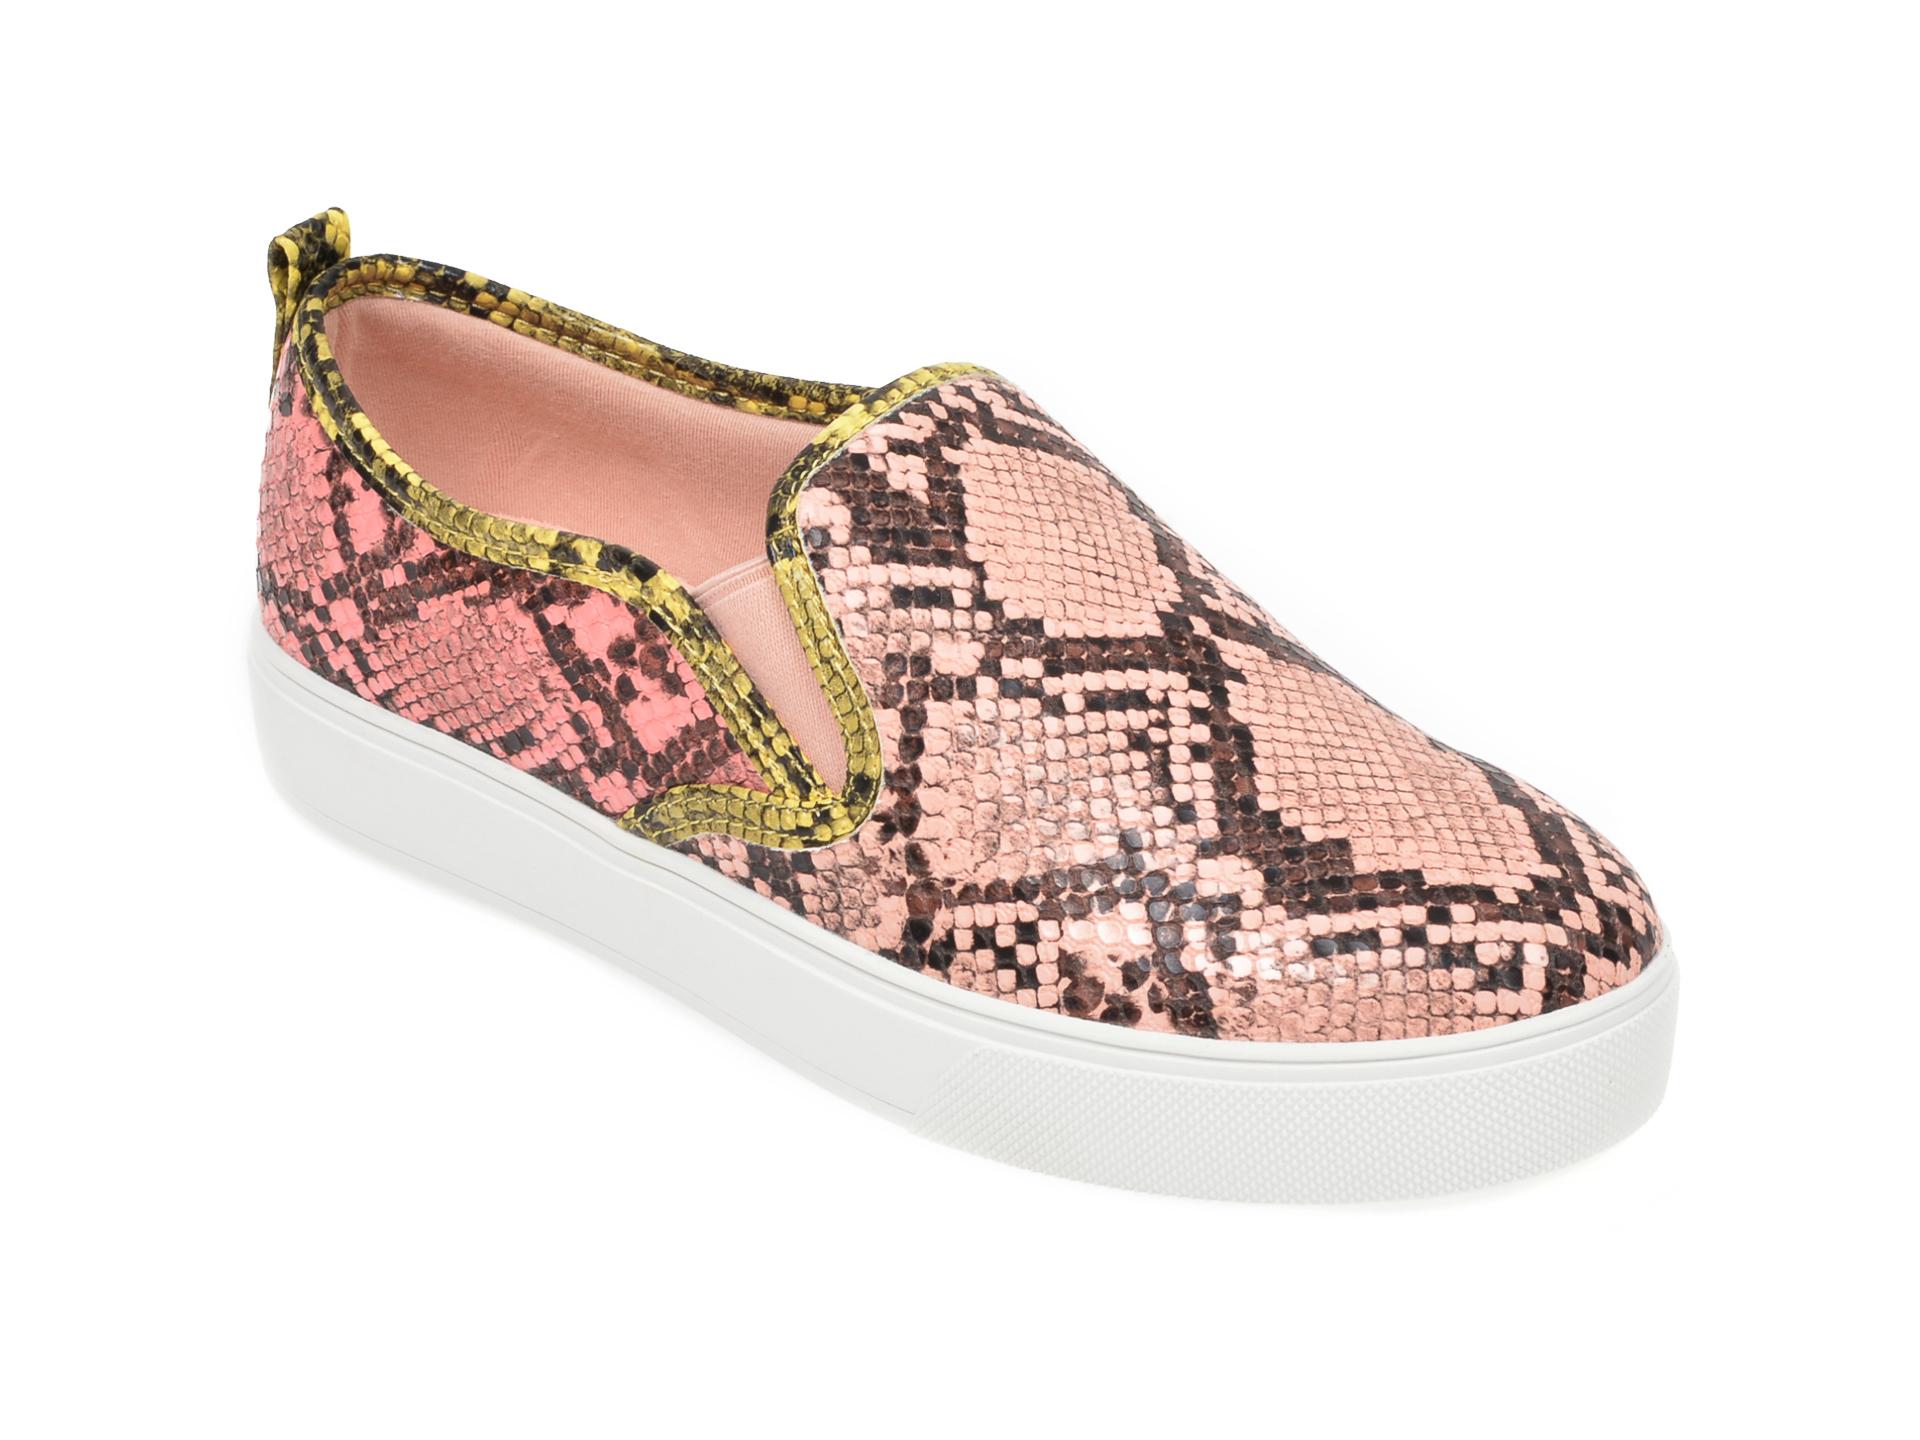 Pantofi ALDO roz, Jille960, din piele ecologica